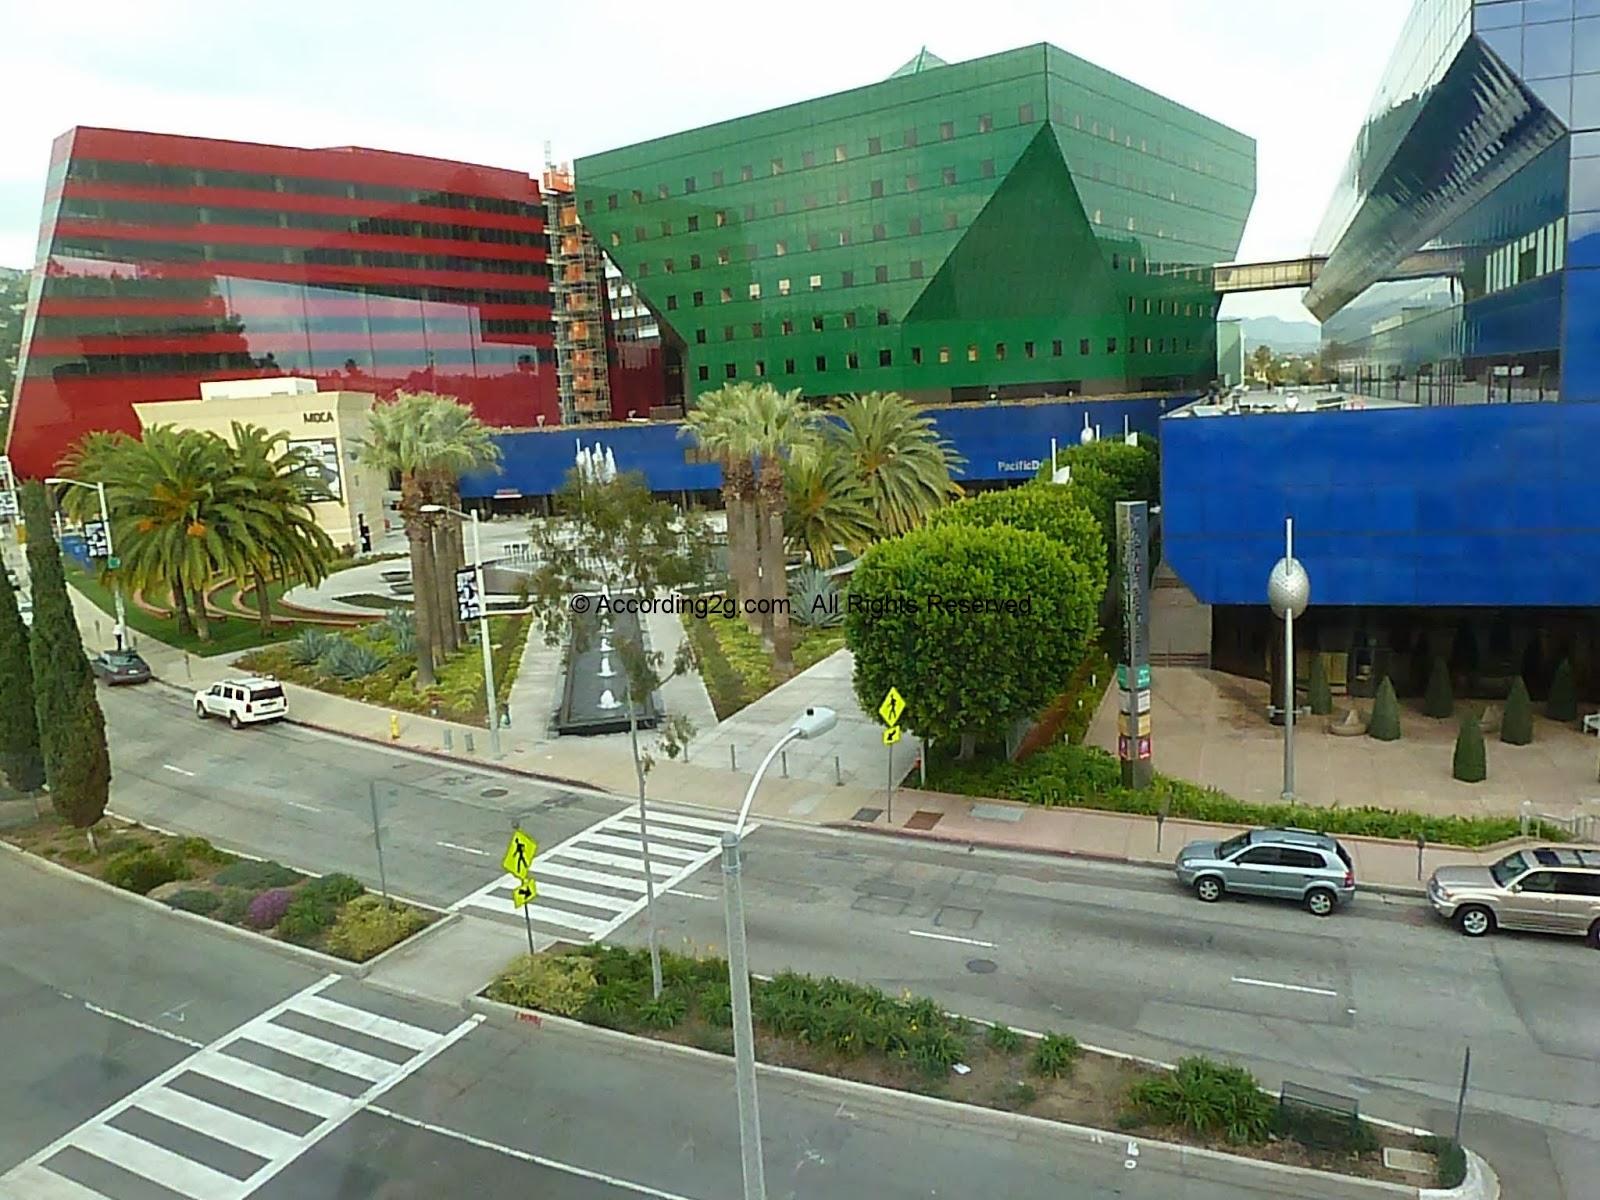 Amedeo liberatoscioli pacific design center california for Architetti arredatori